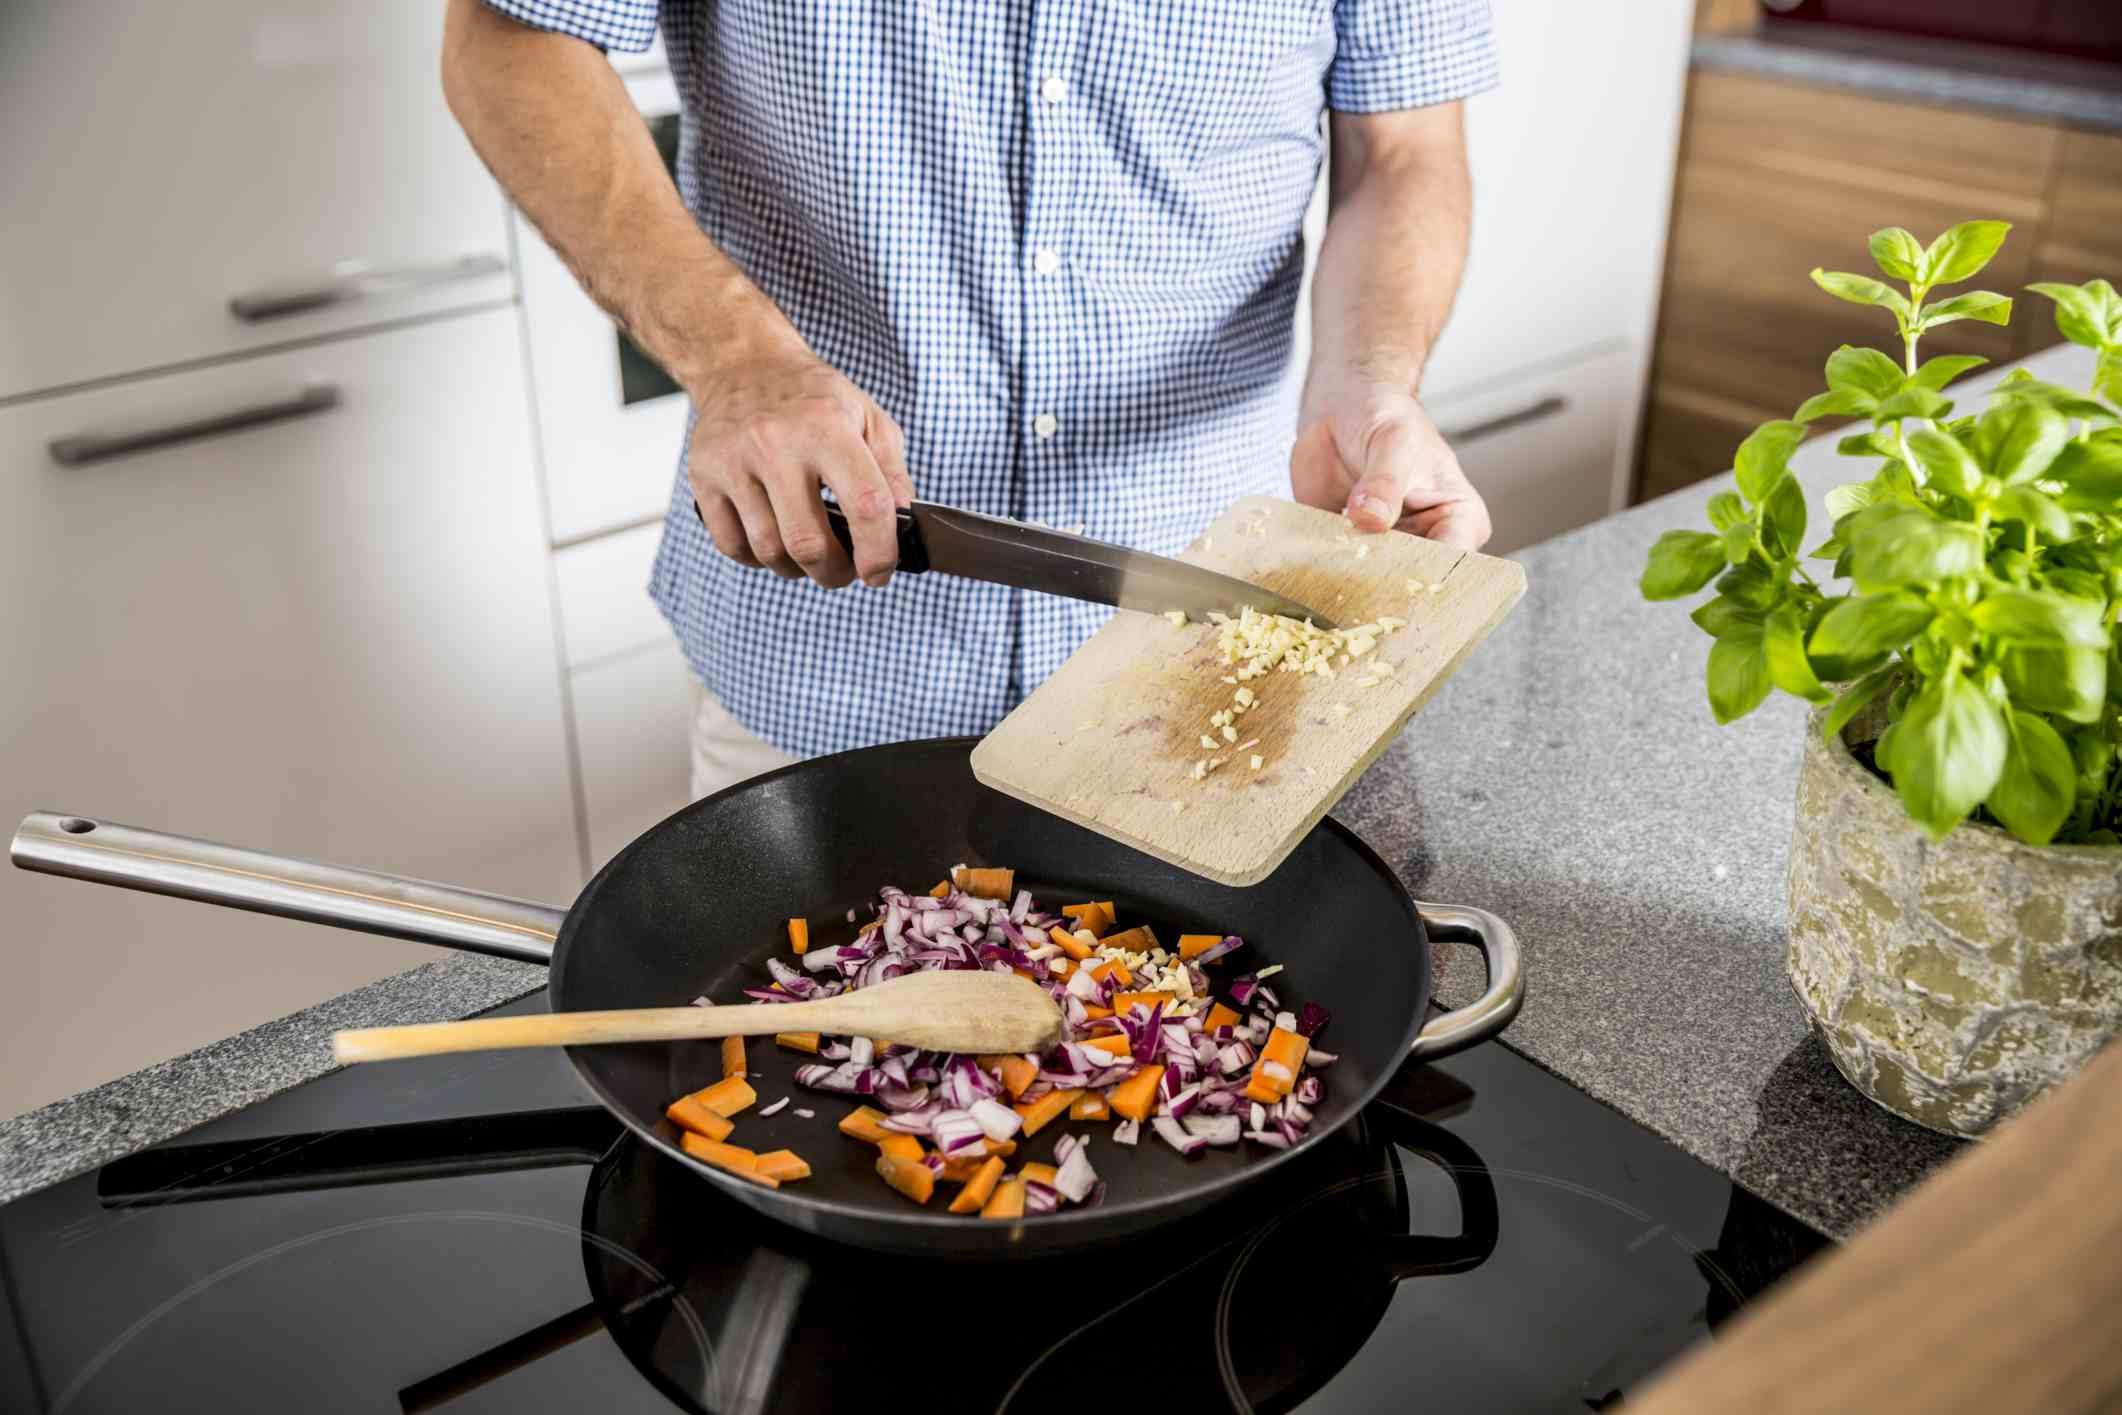 Man putting garlic into nonstick pan